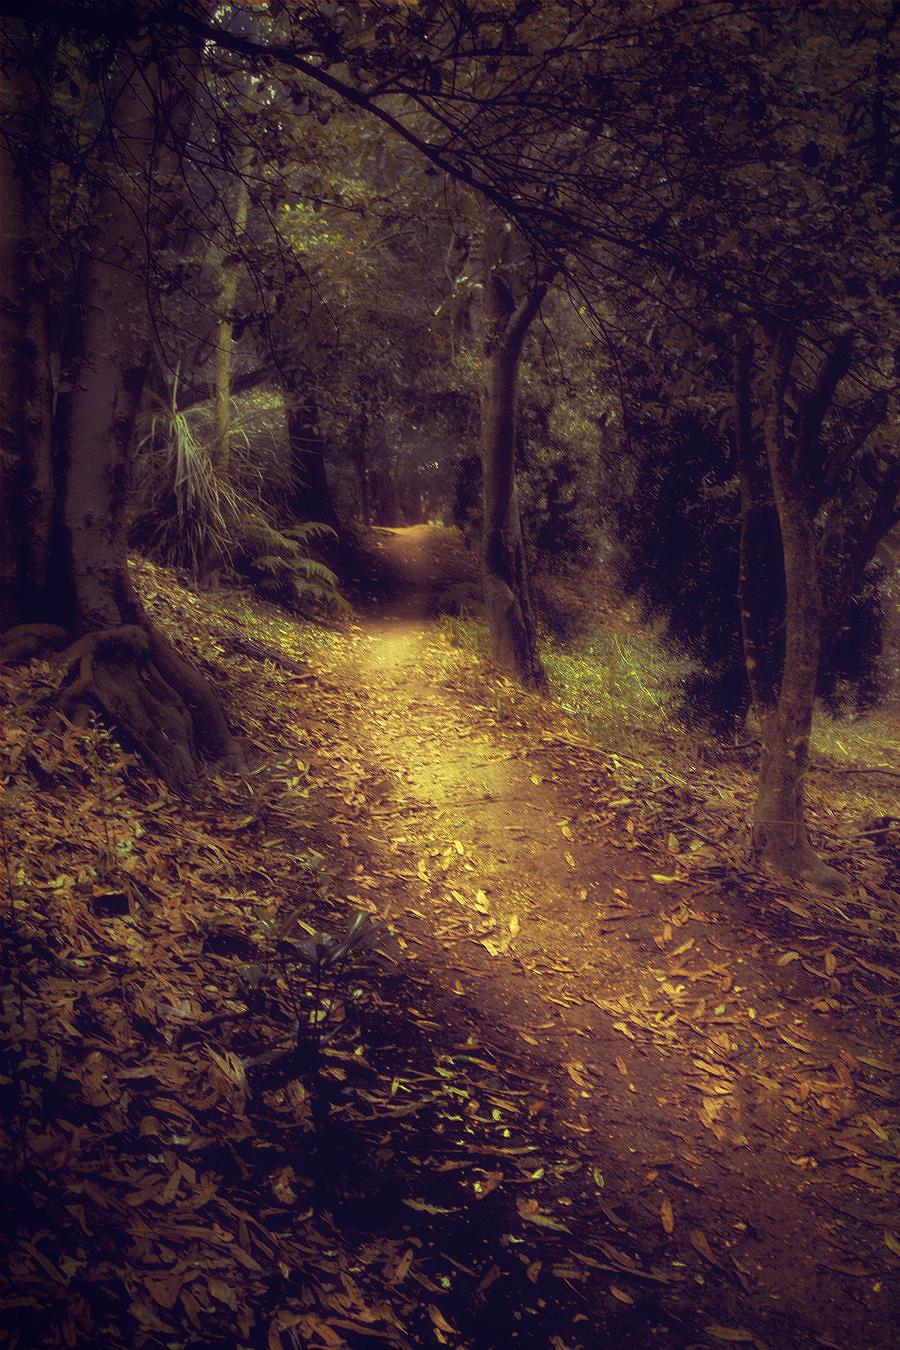 Golden walkway